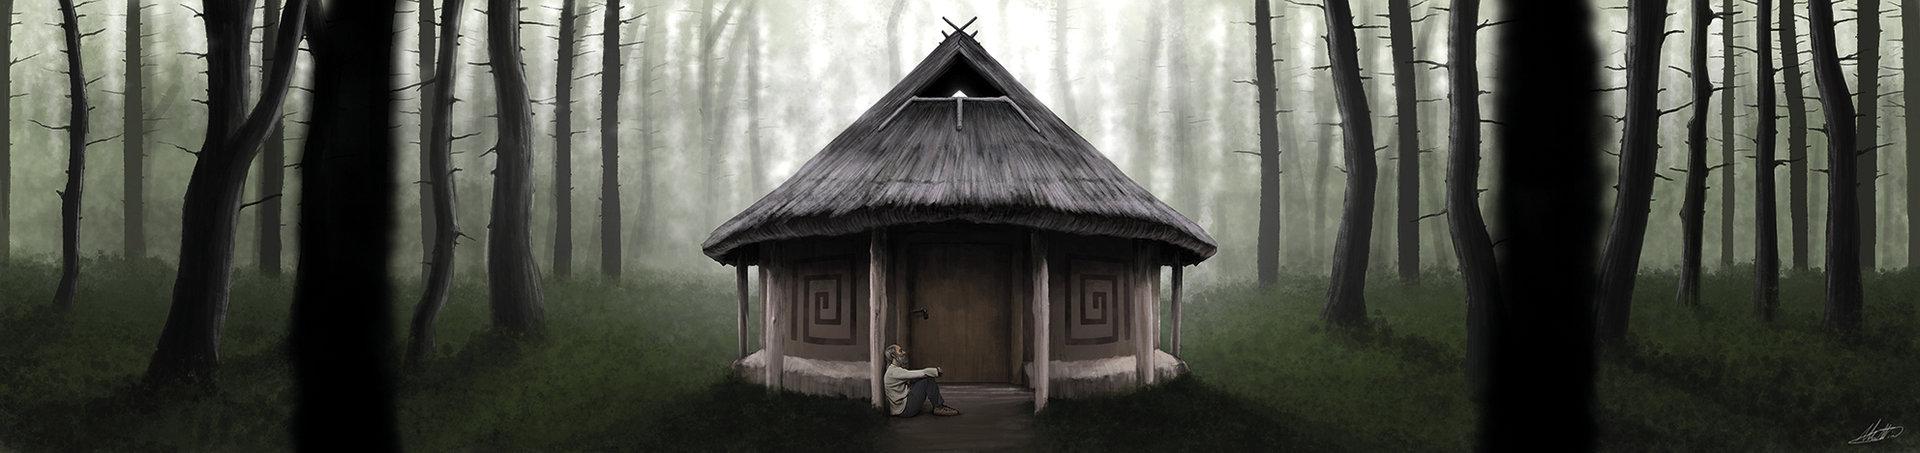 Mattia de iulis la casa del morto mattia de iulis